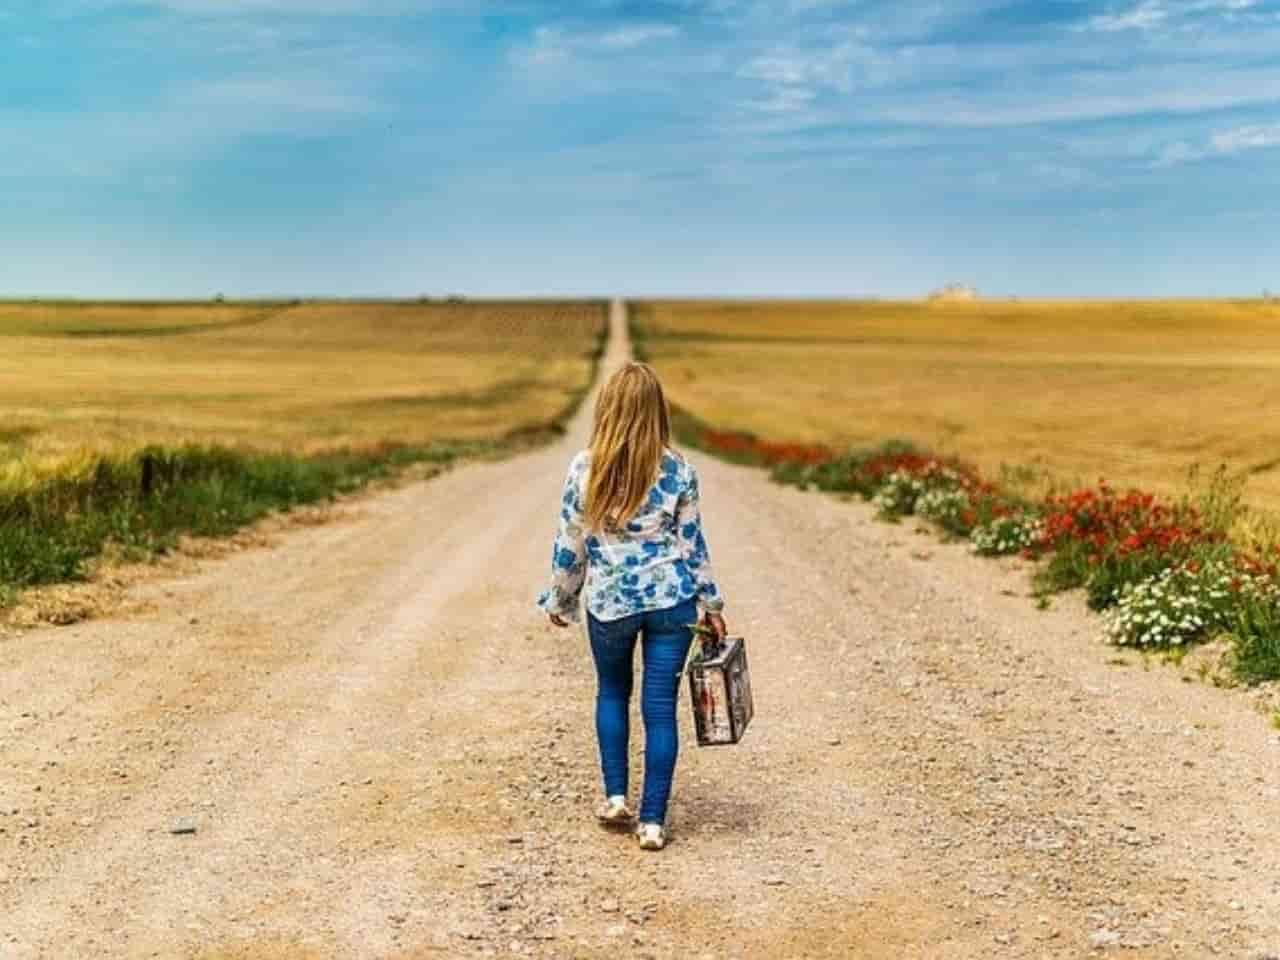 長い道を一人で歩く女性